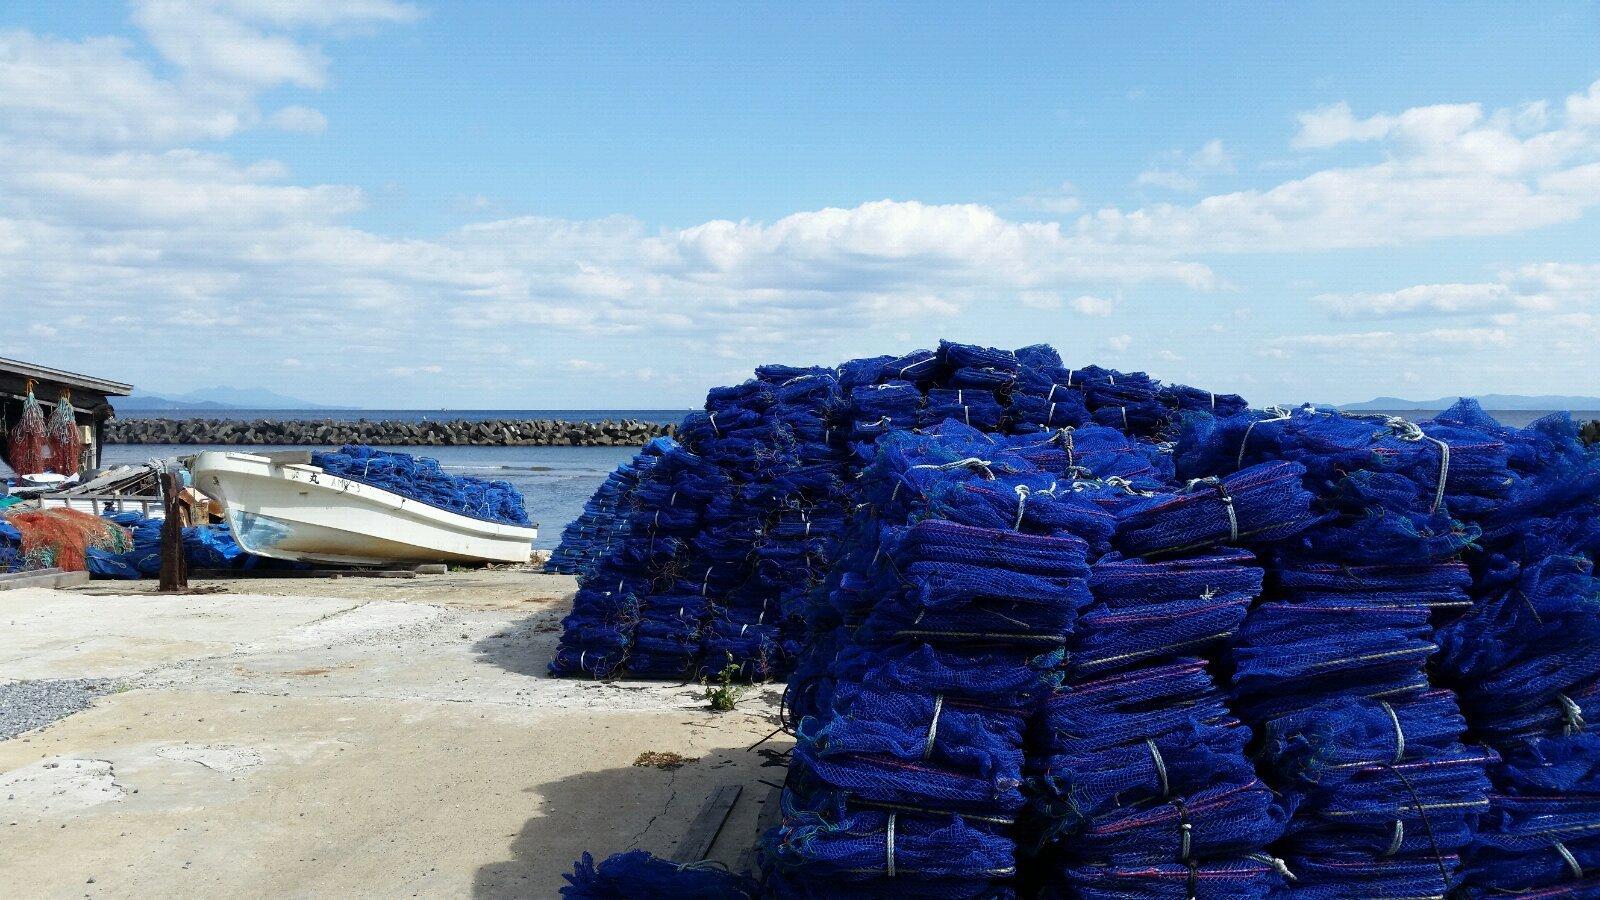 渔网的蓝色与天空海洋多么一致.